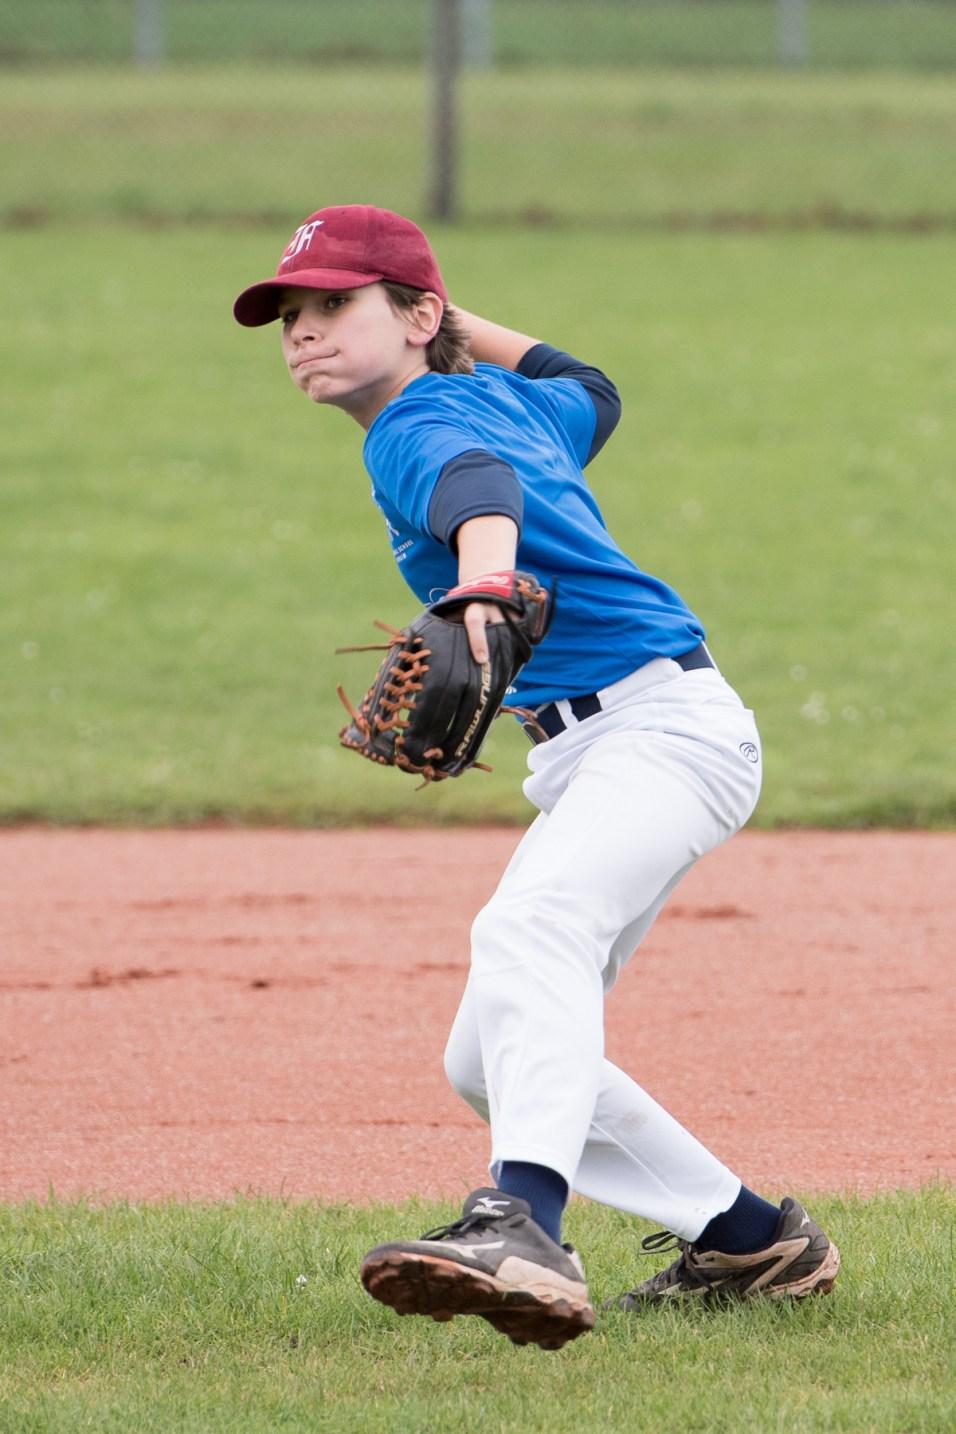 Erik - ready to make the throw - Infieldthrow